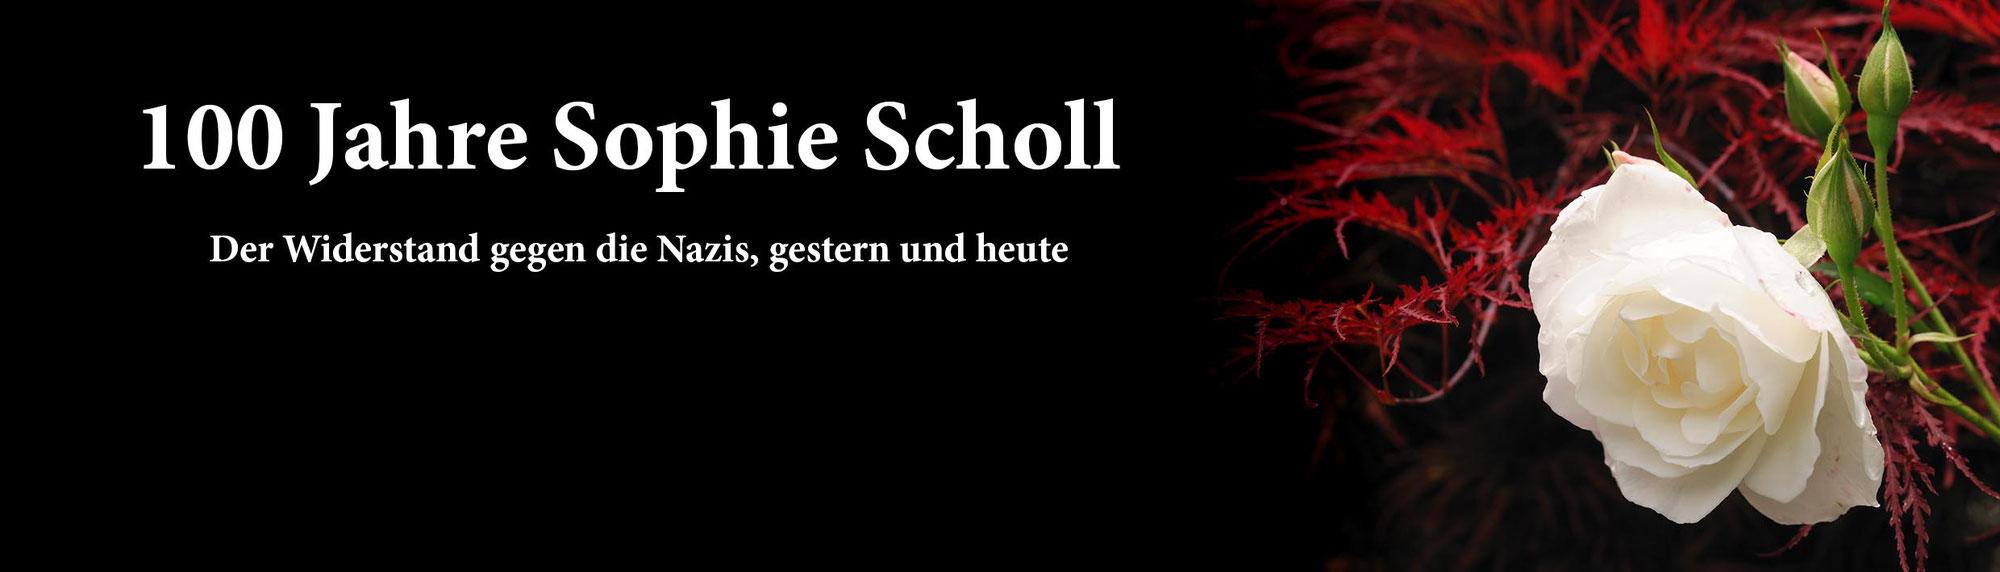 100 Jahre Sohpie Scholl - der Widerstand gegen die Nazis